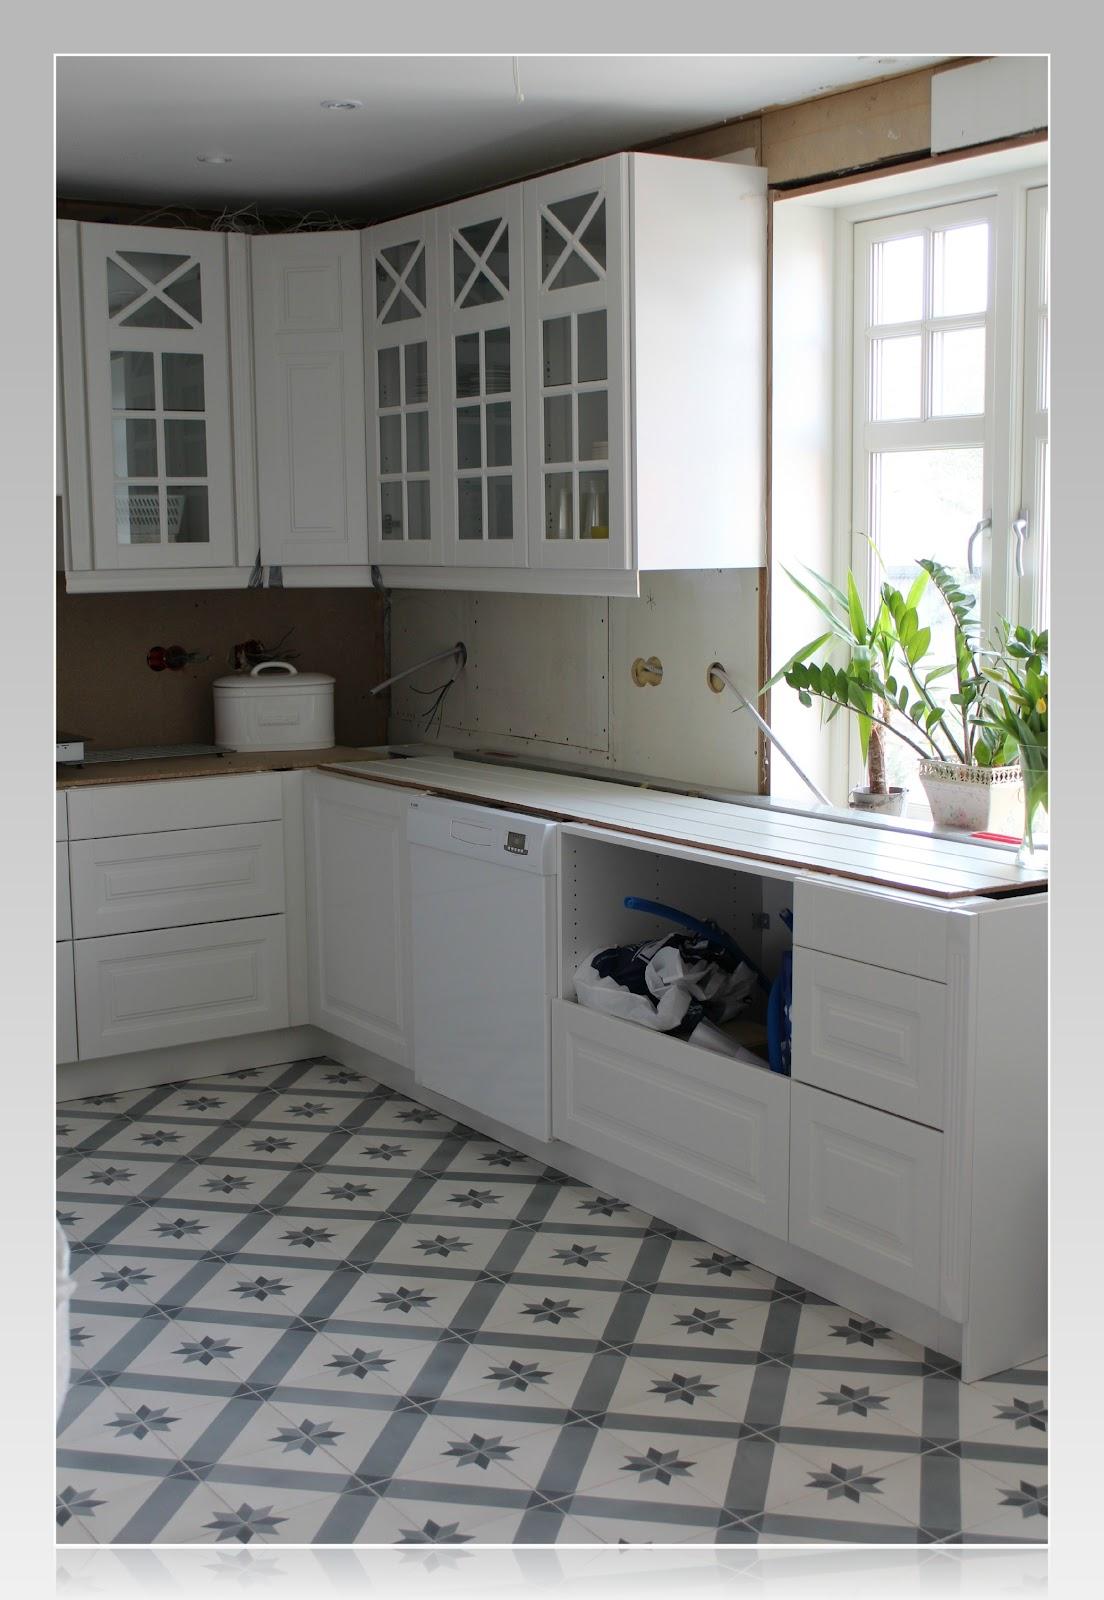 Fliser kjøkken gulv